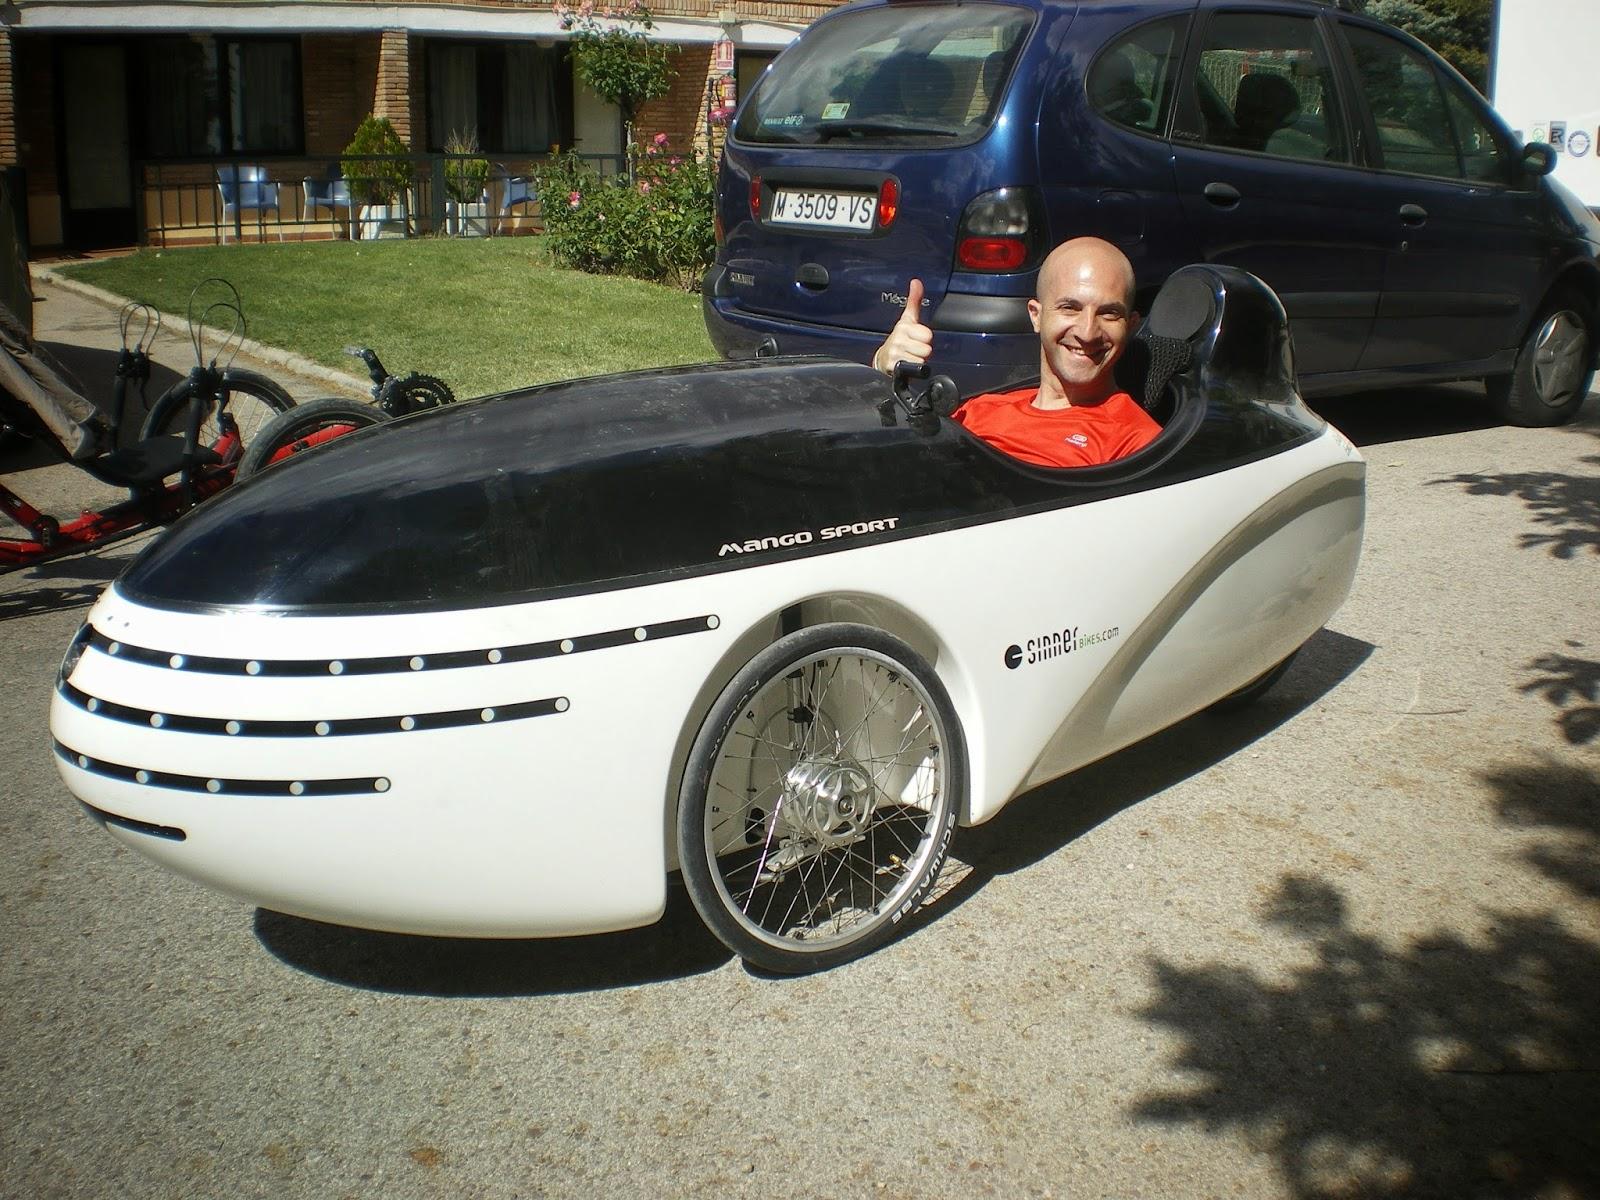 Familia Supertramp velomobil